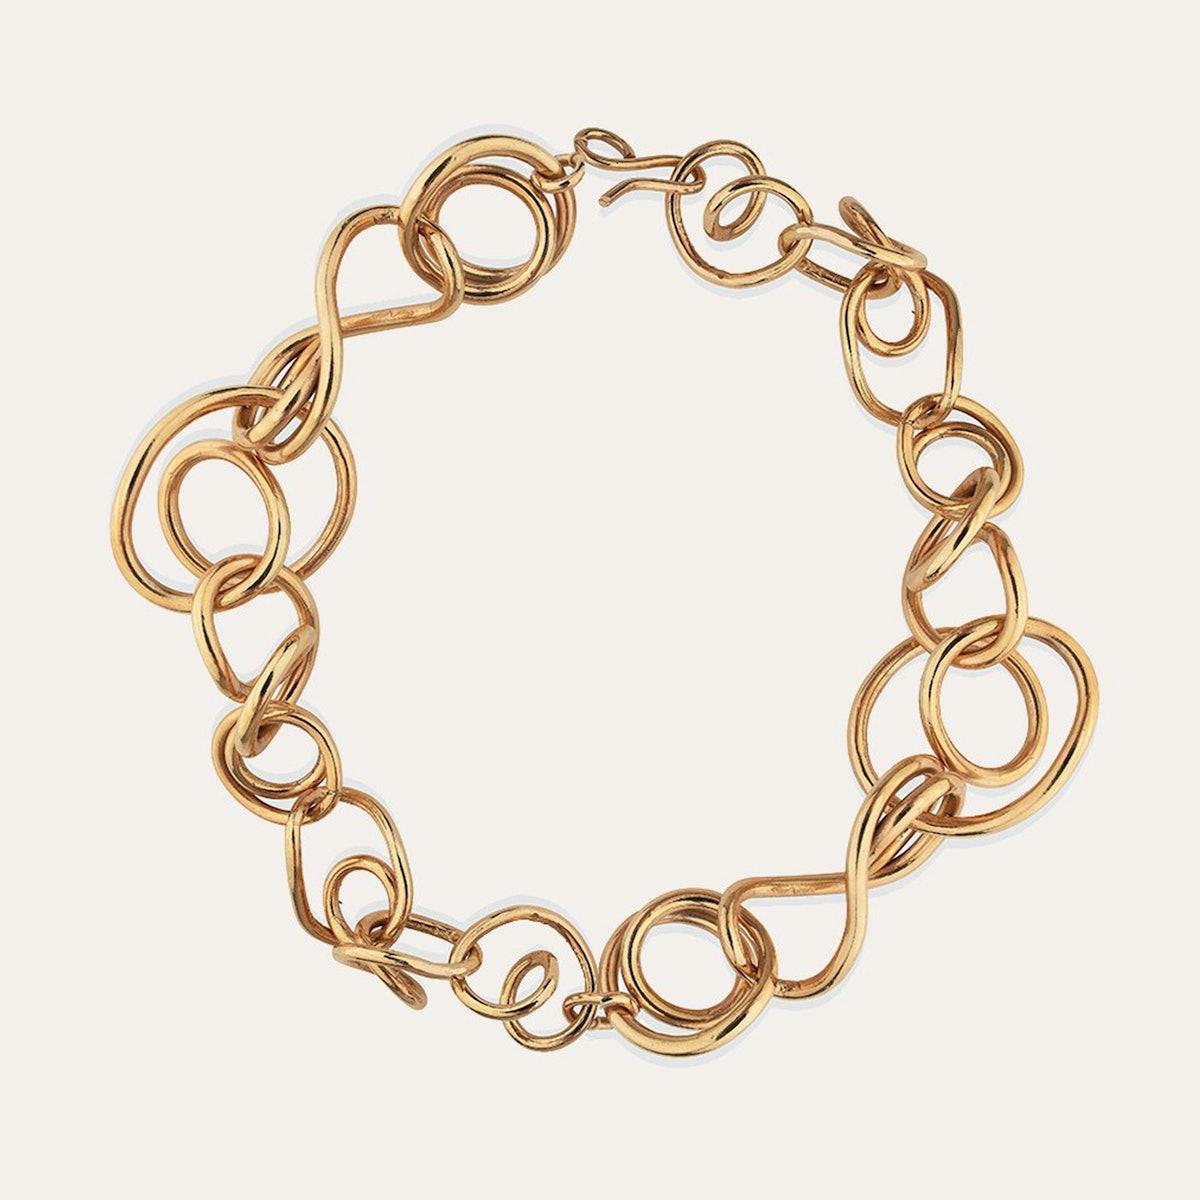 Completedworks Befuddled necklace